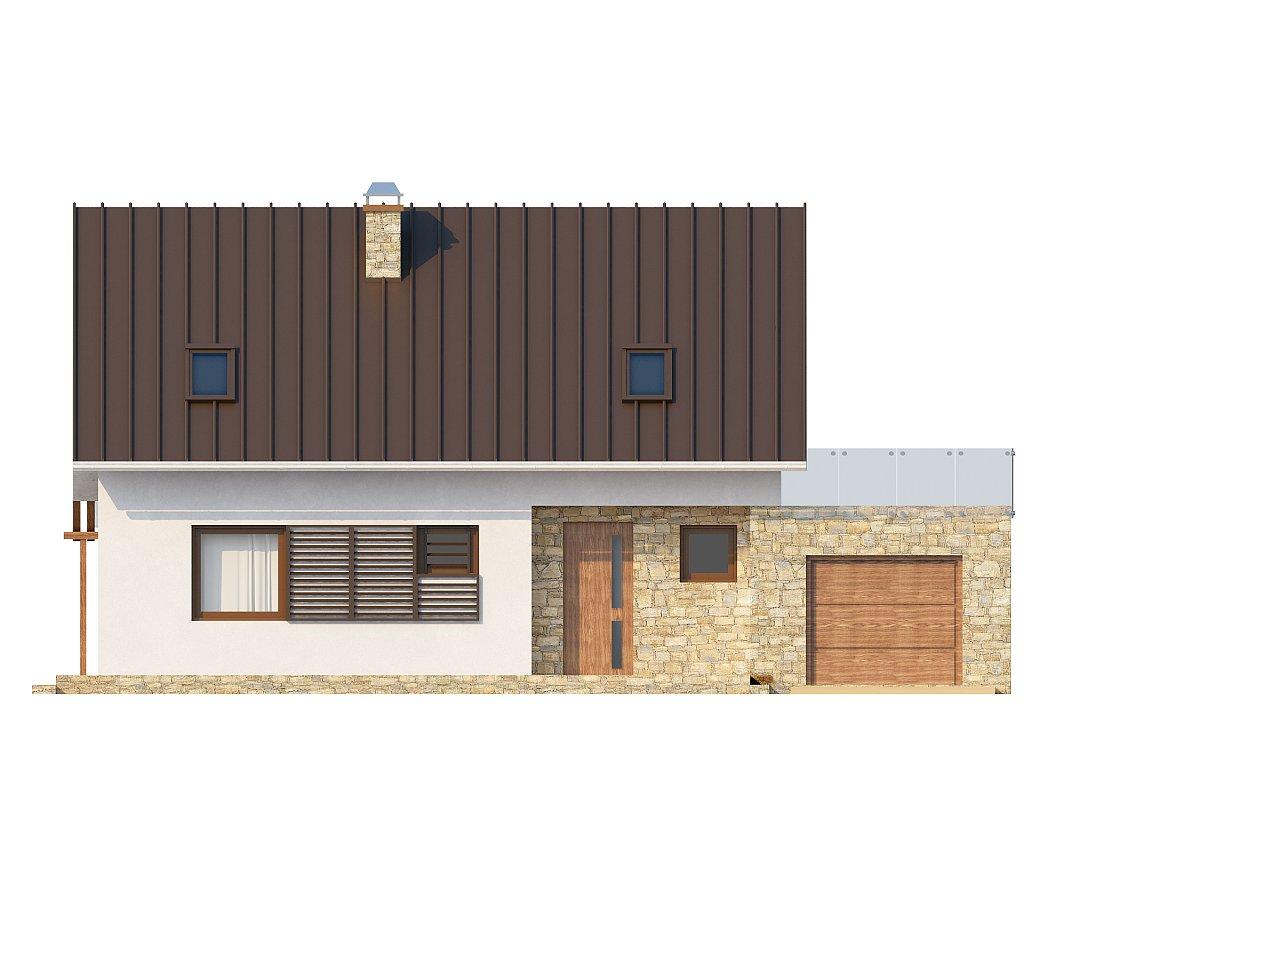 Уютный дом с кабинетом на первом этаже, оригинальным мансардным окном и террасой над гаражом. 3